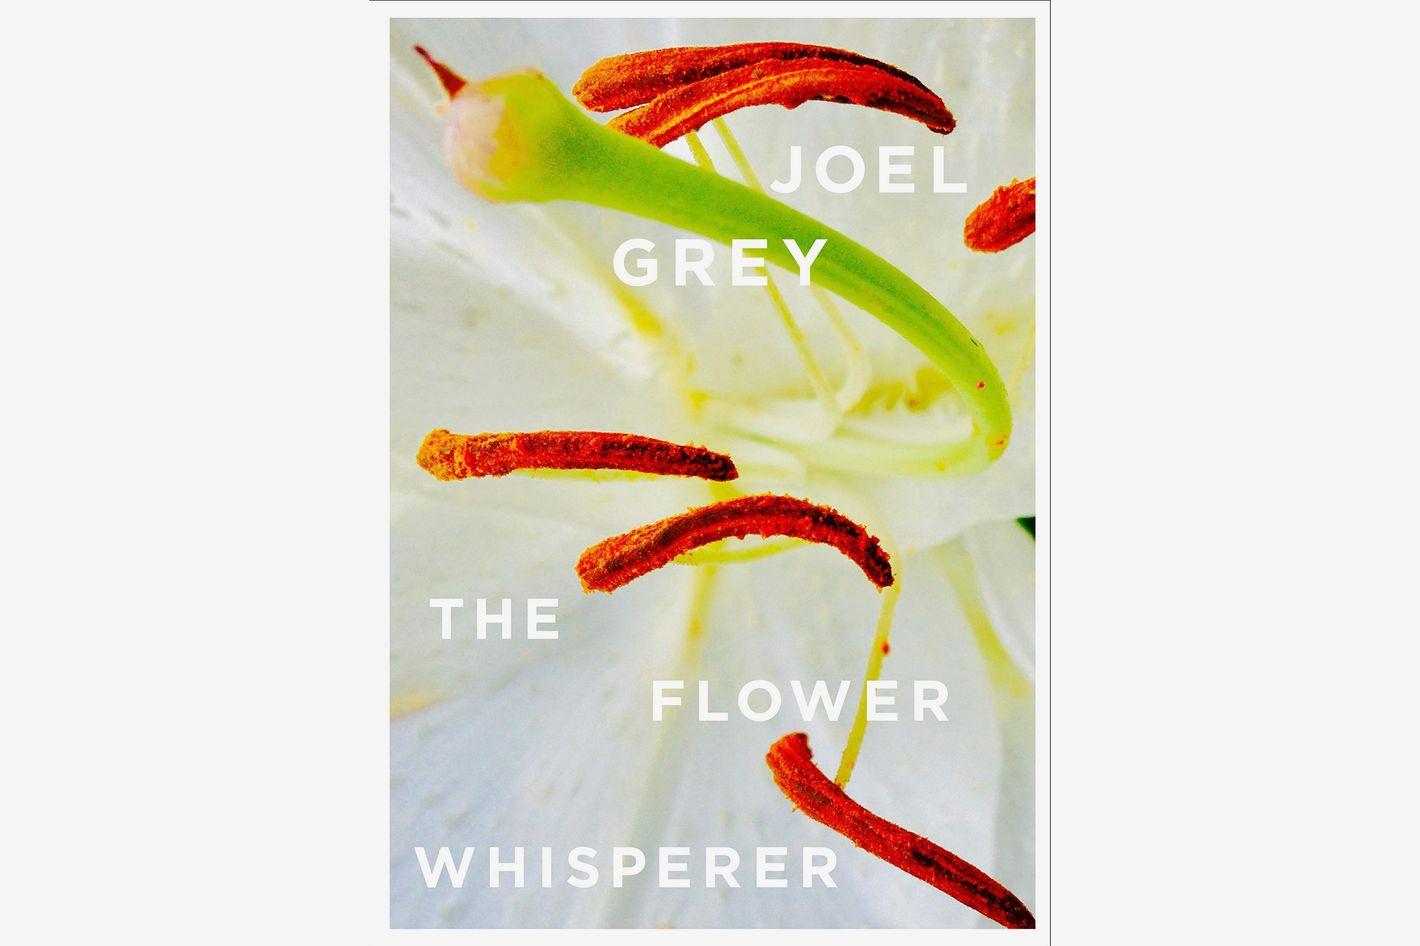 Joel Gray: The Flower Whisperer